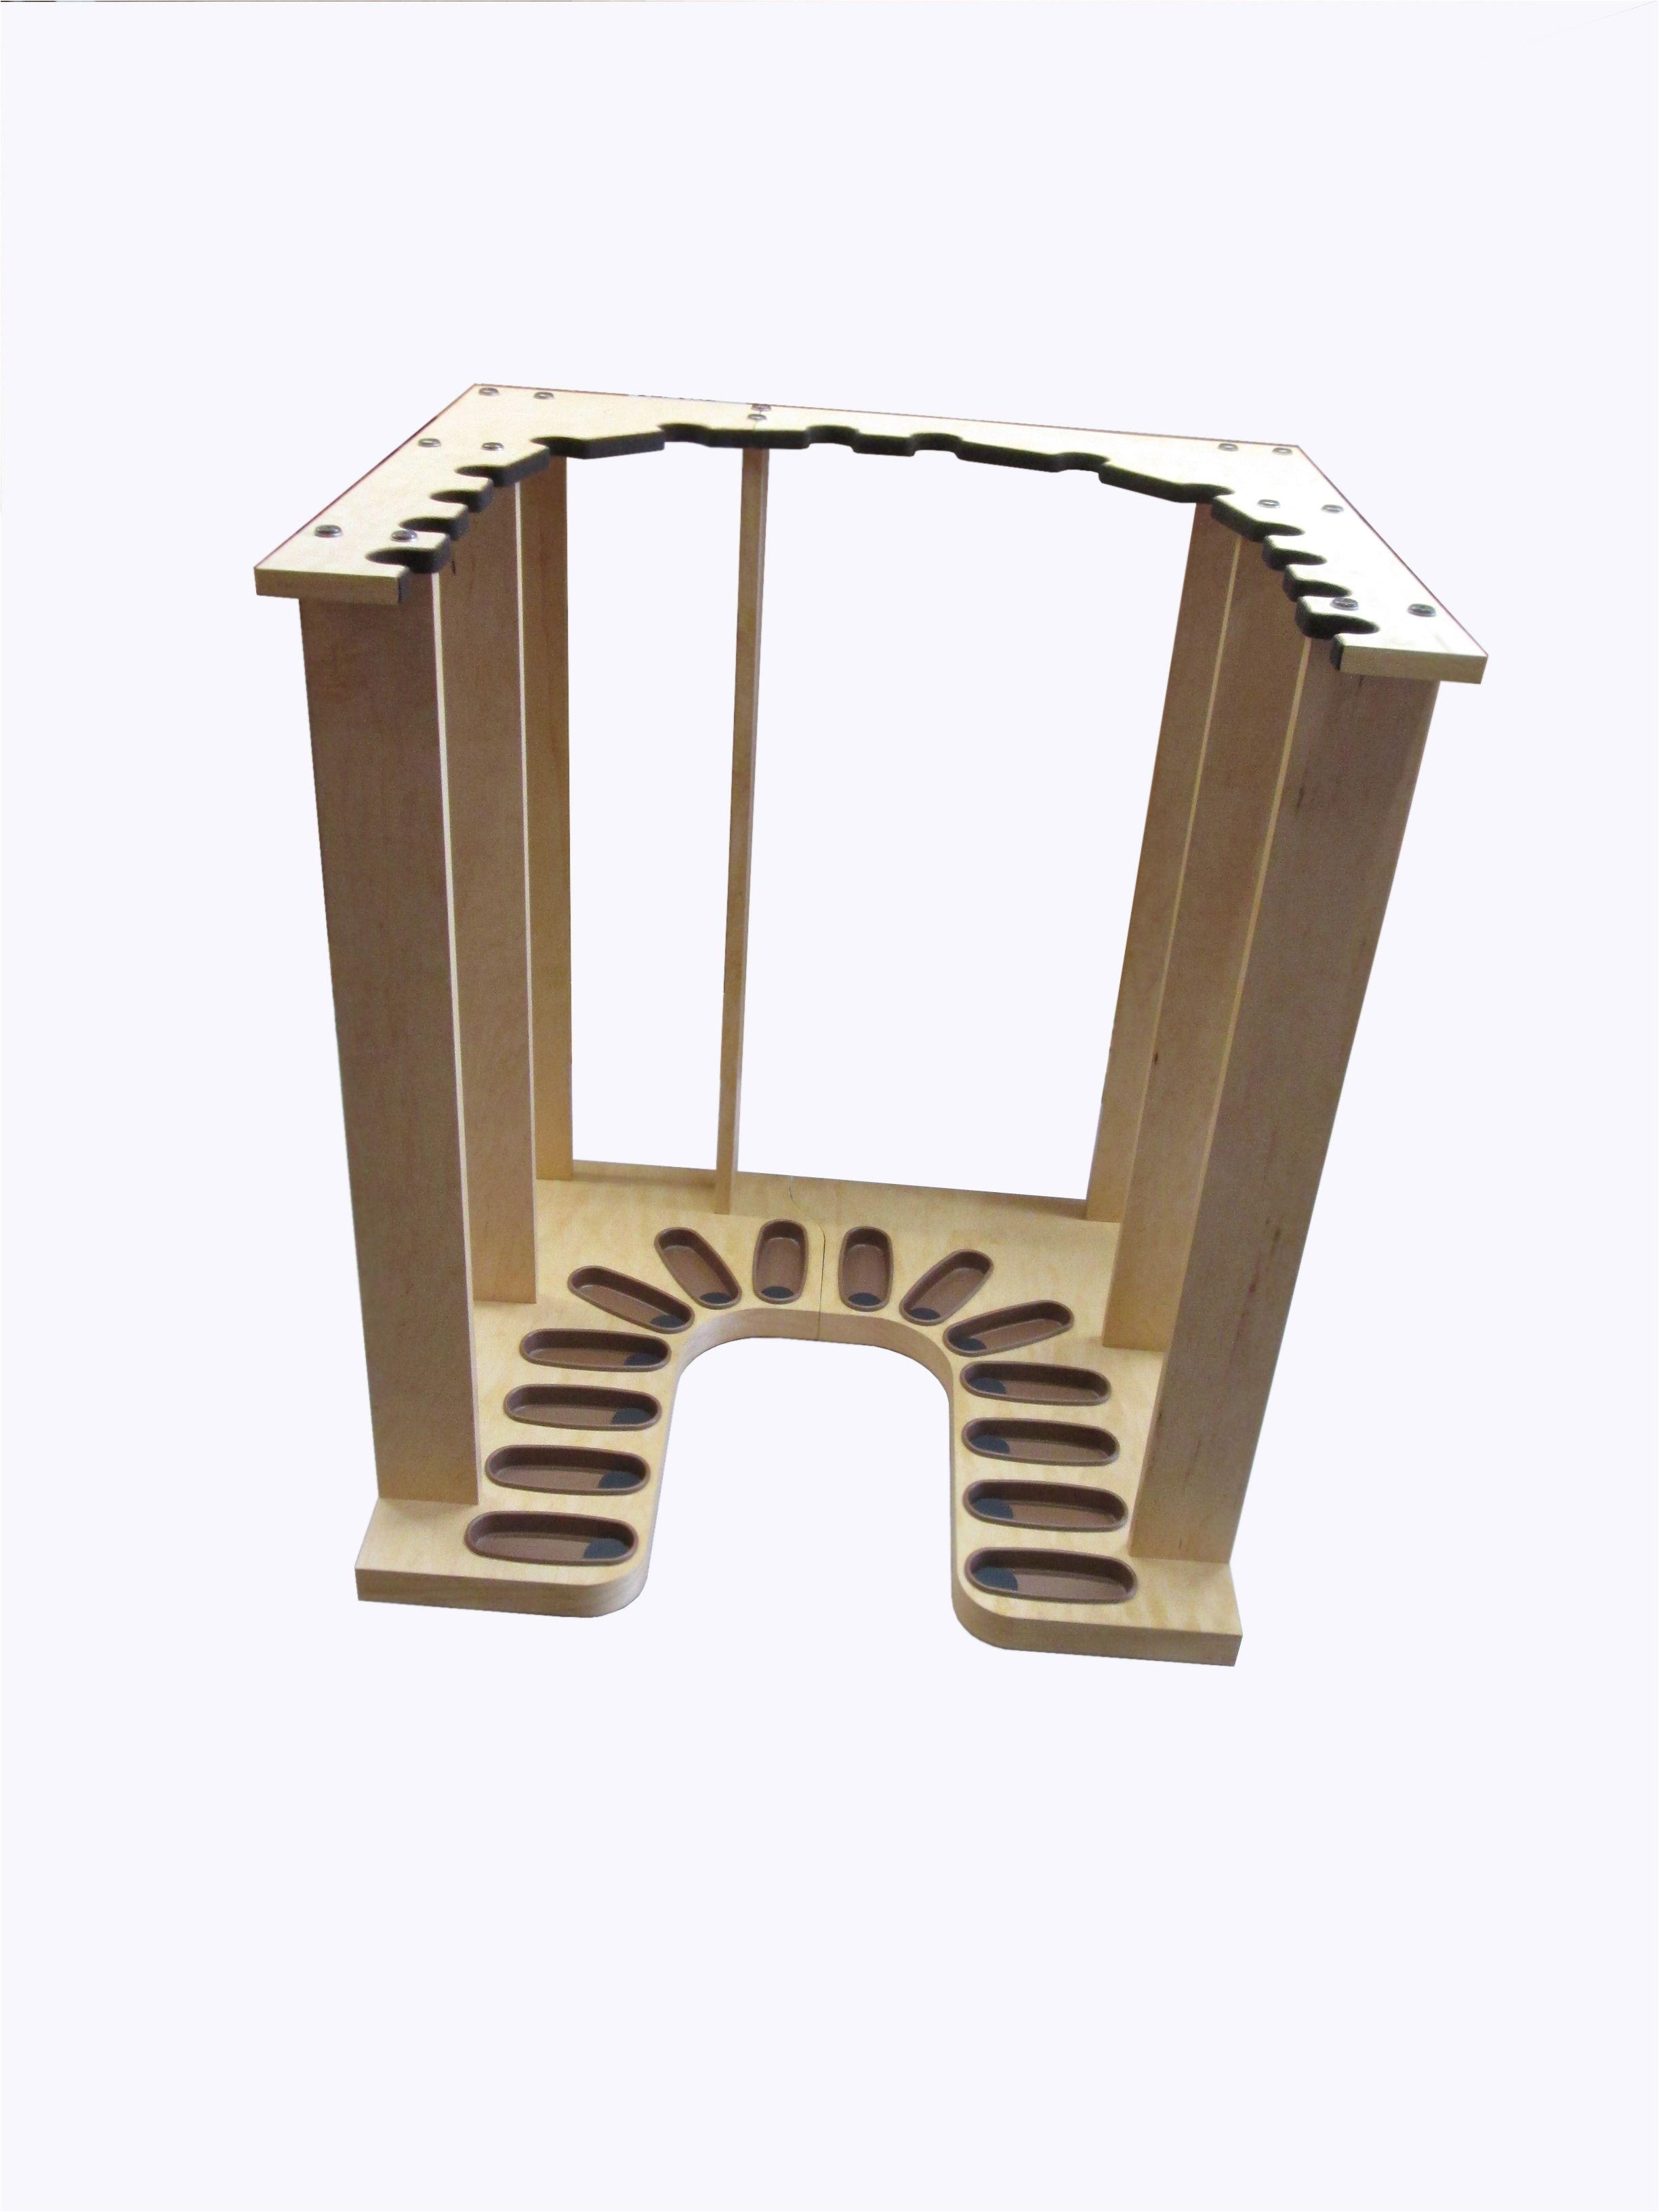 u shaped vertical gun rack for a safe or closet www gun racks